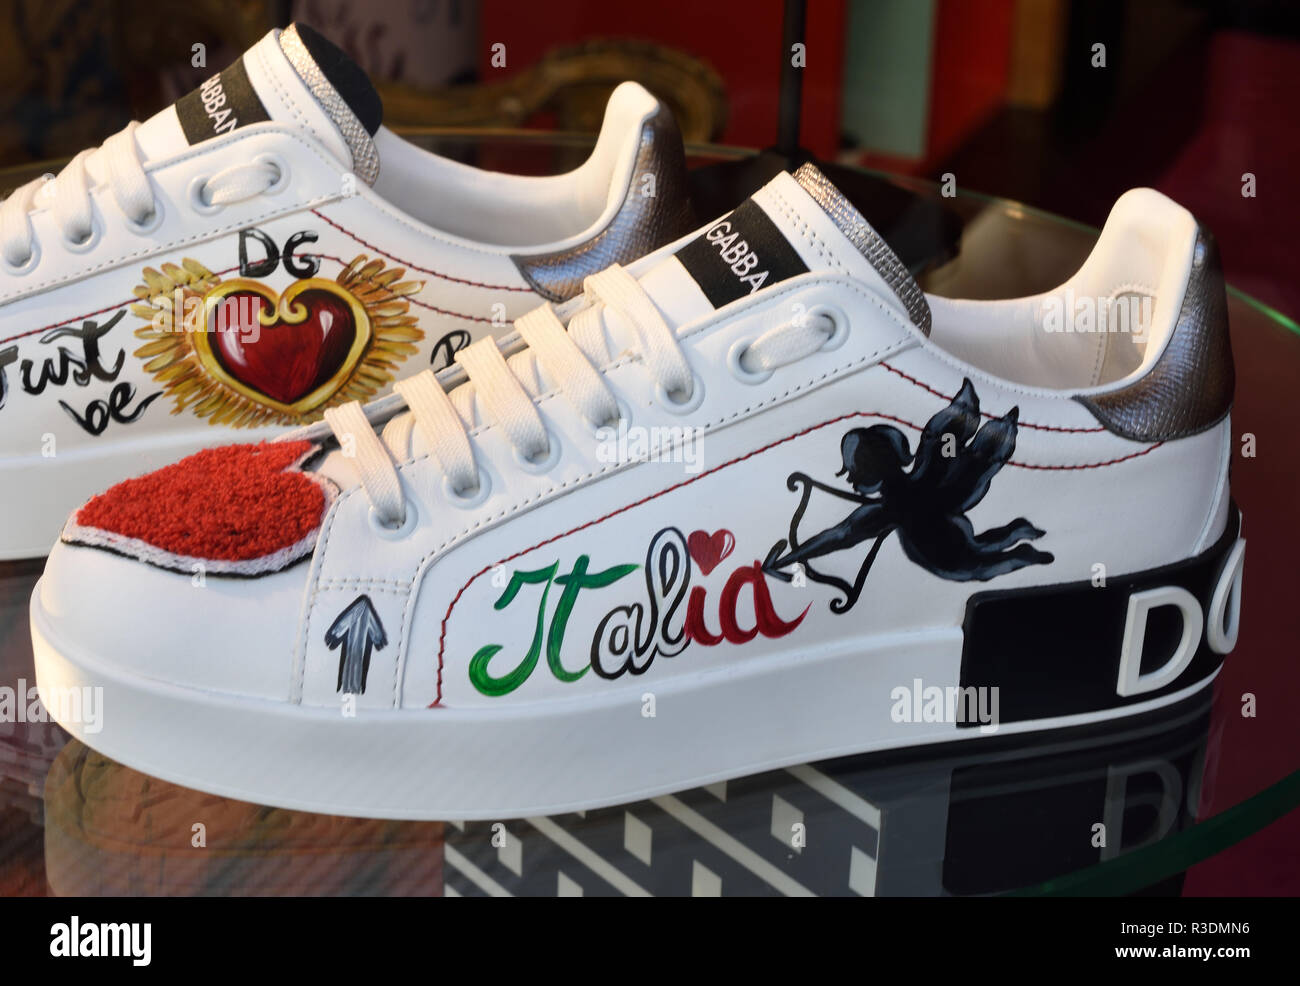 Chaussures Dolce Gabbana Milan Italie afficher la fenêtre de Mode Italienne,  Milano Fashion District, 41bf0c5e6d5